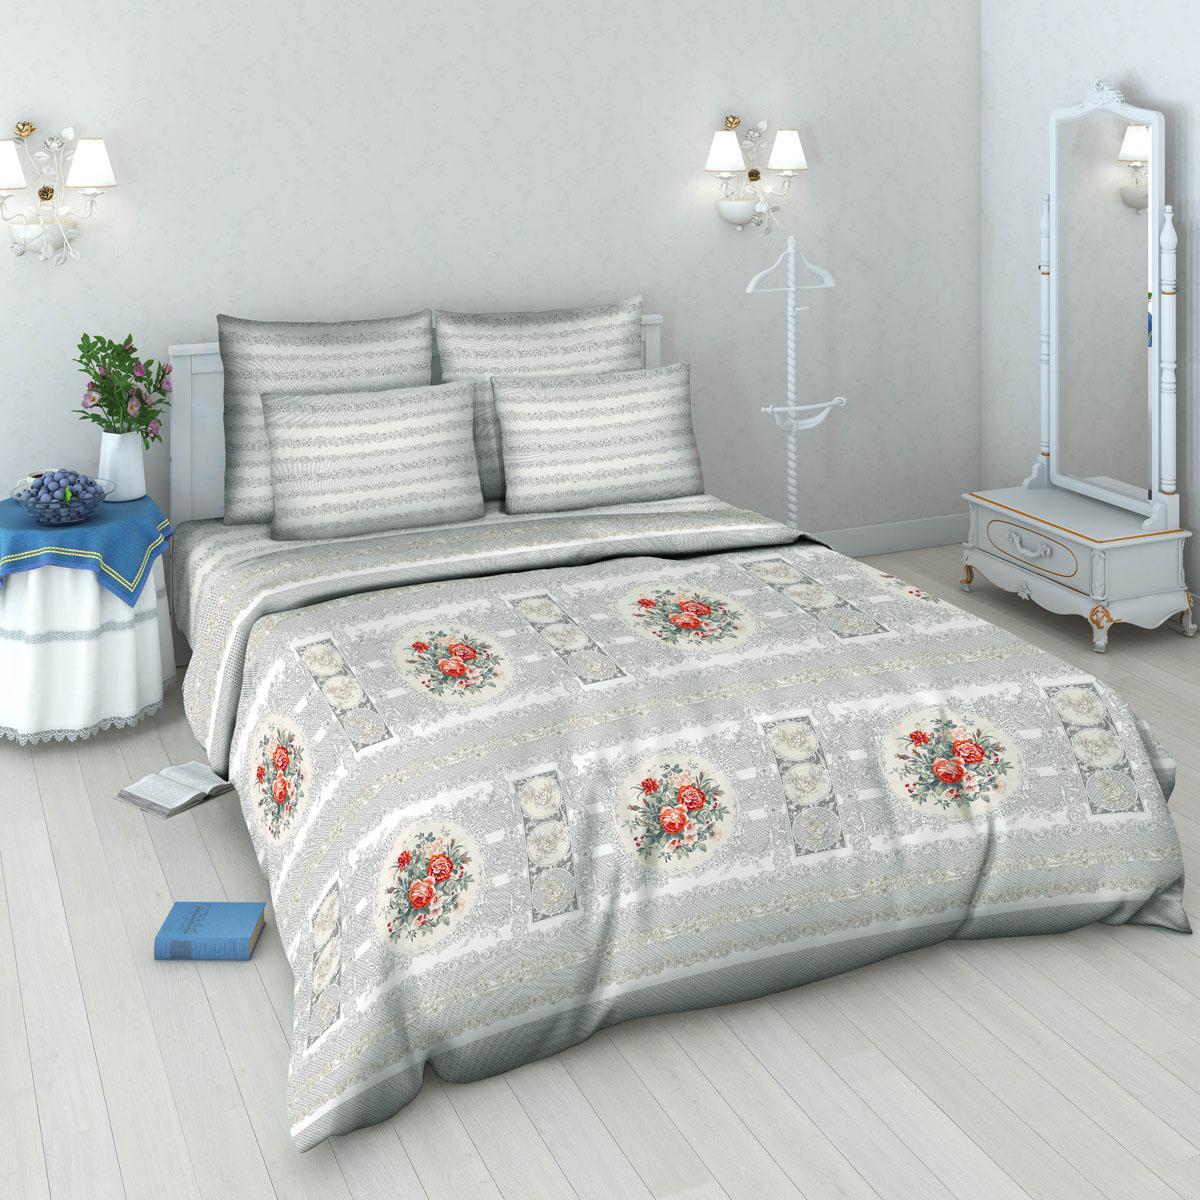 Комплект белья Василиса, 2-спальный, наволочки 70х70. 5378_1/25378_1/2Комплект постельного белья Василиса состоит из пододеяльника, простыни и двух наволочек. Белье производится из высококачественной бязи (100% хлопка). Использование особо тонкой пряжи делает ткань мягче на ощупь, обеспечивает легкое глажение и позволяет передать всю насыщенность цветовой гаммы. Благодаря более плотному переплетению нитей и использованию высококачественных импортных красителей постельное белье выдерживает до 70 стирок. Приобретая комплект постельного белья Василиса, вы можете быть уверены в том, что покупка доставит вам удовольствие и подарит максимальный комфорт.